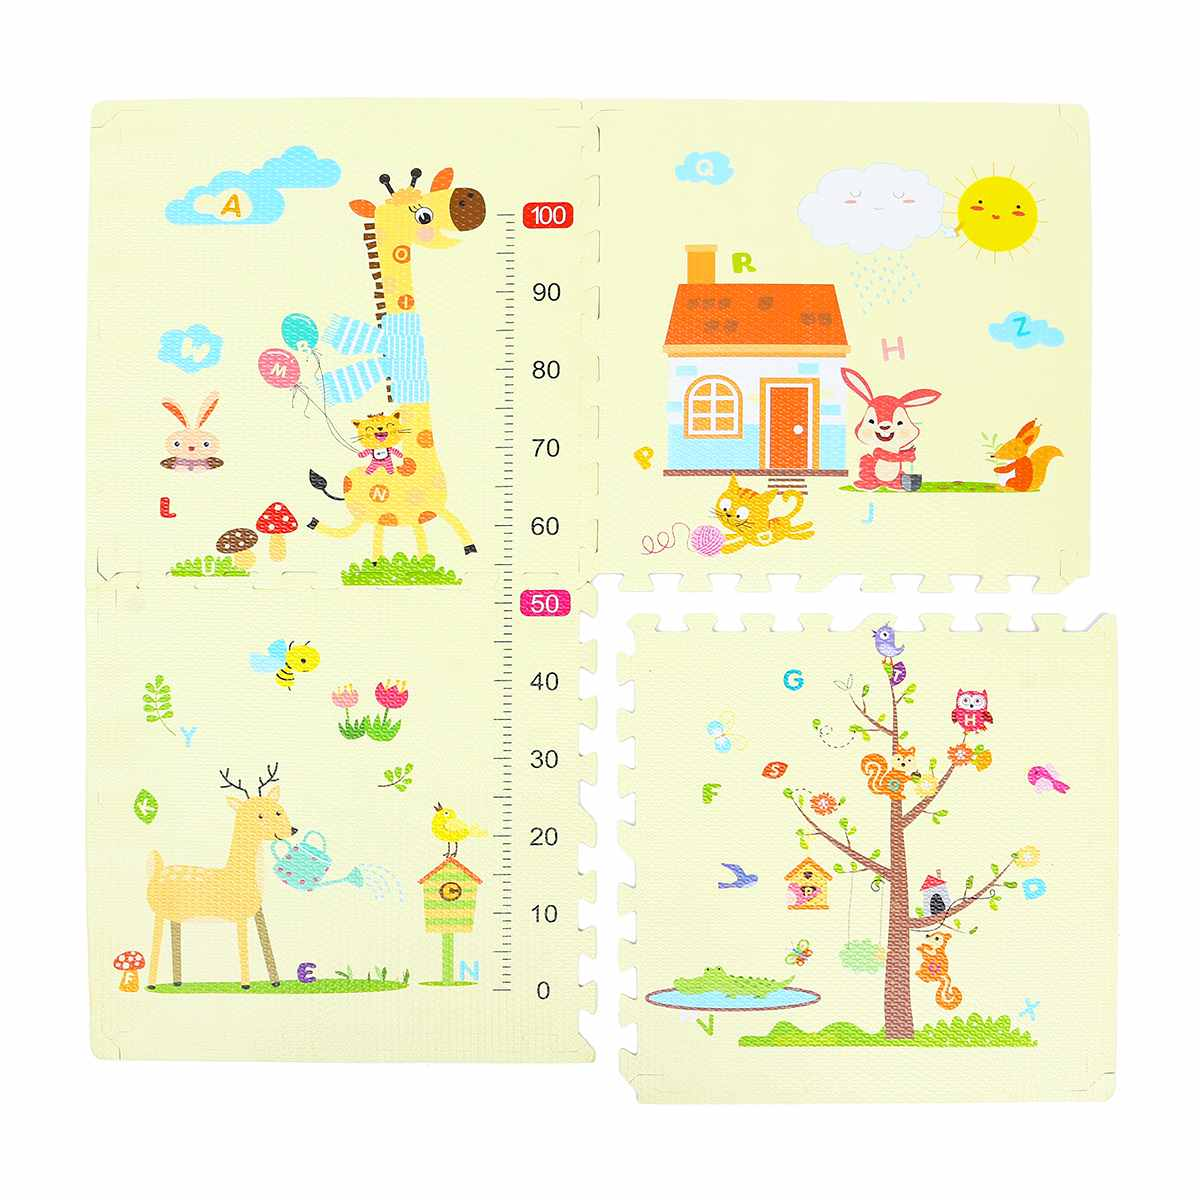 4 pièces 60x60 cm bébé jouer tapis EVA mousse plancher Puzzle bambin enfants sécurité ramper tapis bande dessinée girafe tapis de sol maternelle